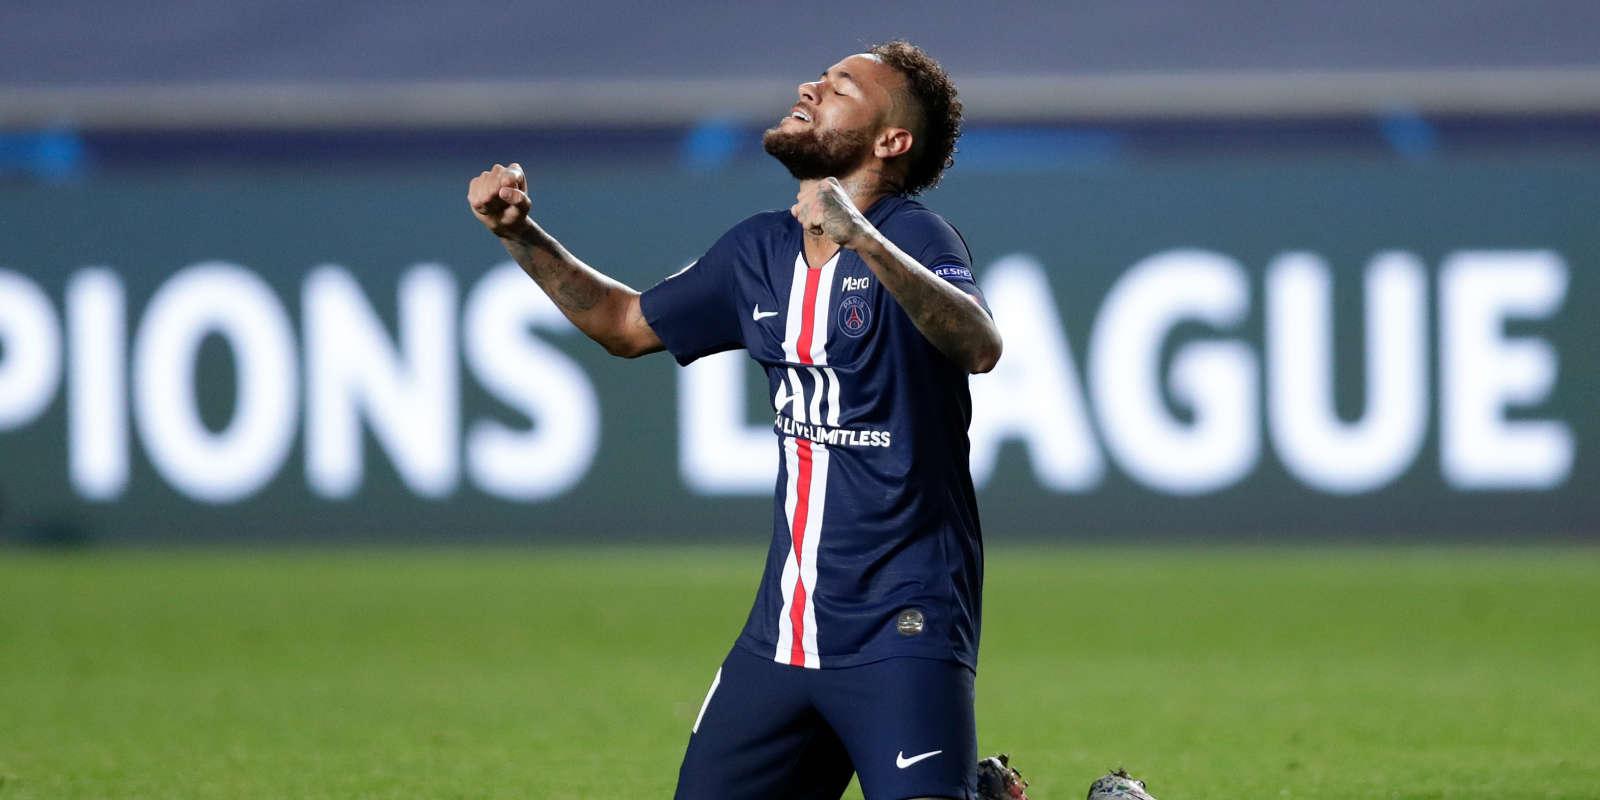 Neymar et ses coéquipiers du PSG ne sont plus qu'à un match du Graal. Rendez-vous dimanche contre le vainqueur de l'autre demi-finale entre le Bayern Munich et l'Olympique lyonnais, mercredi.